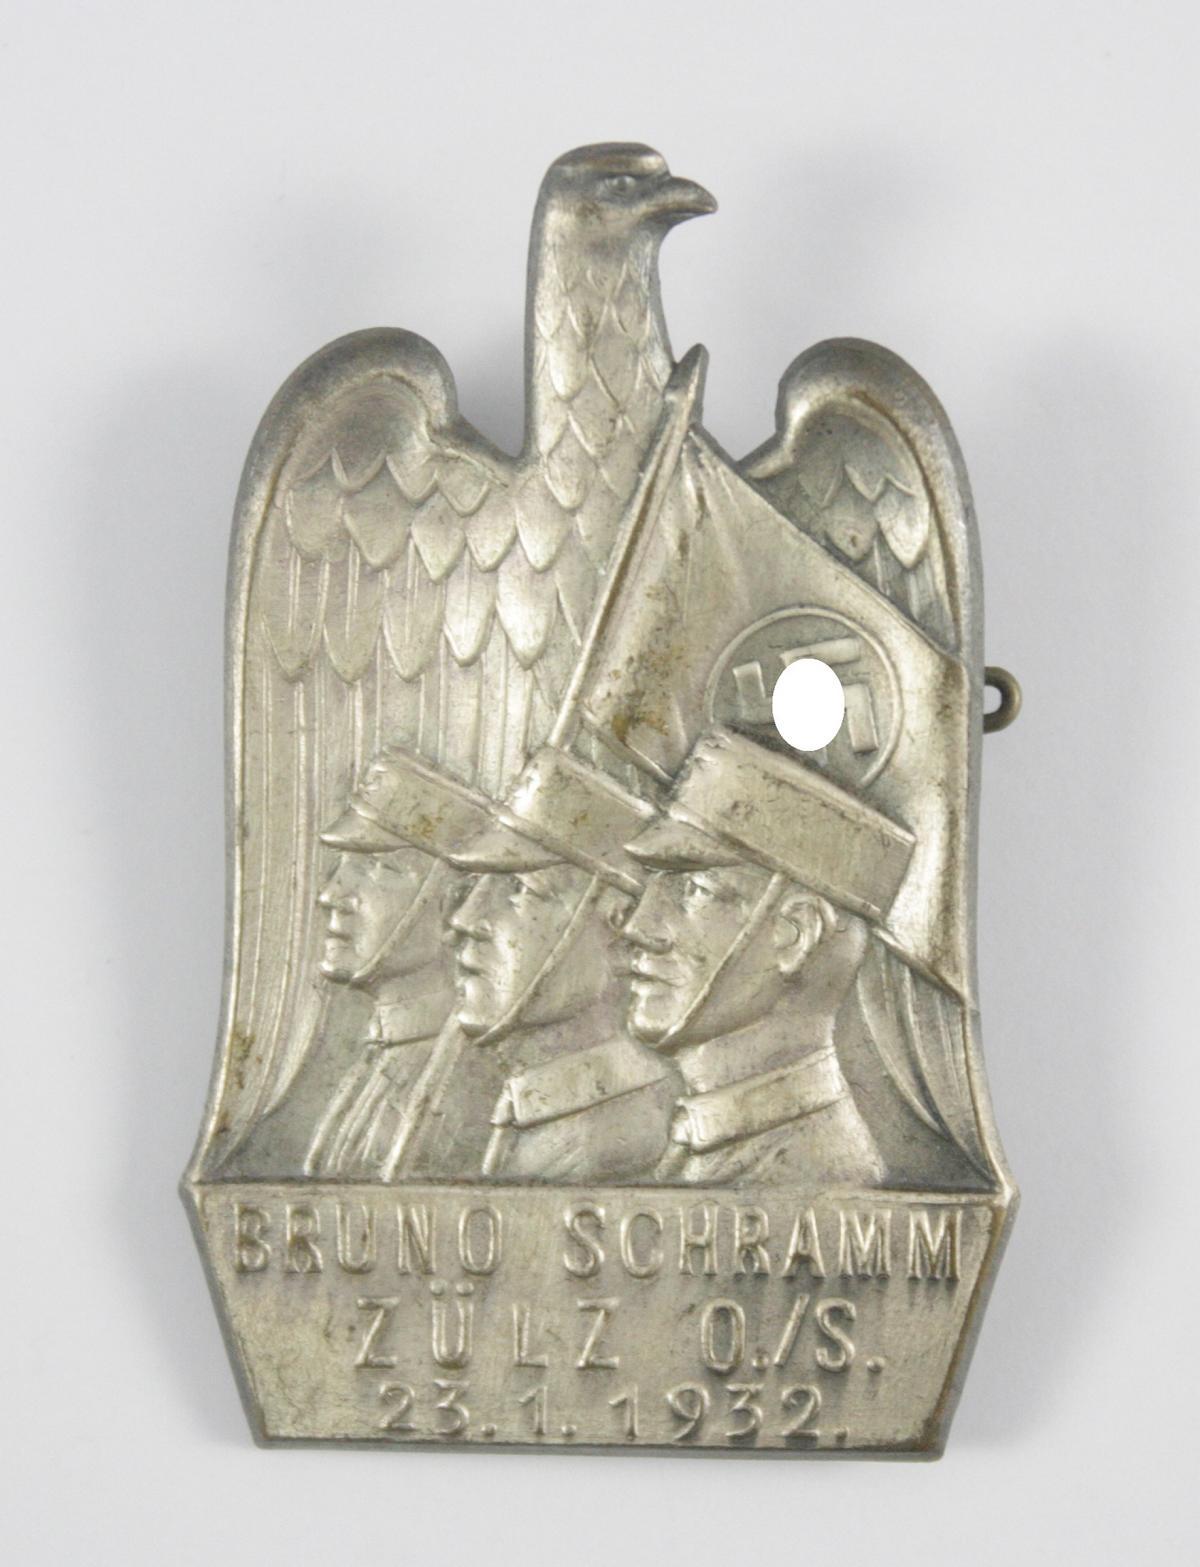 Erinnerungsabzeichen: (SA Märtyrer) Bruno Schramm Zülz O./S. 23.01.1932